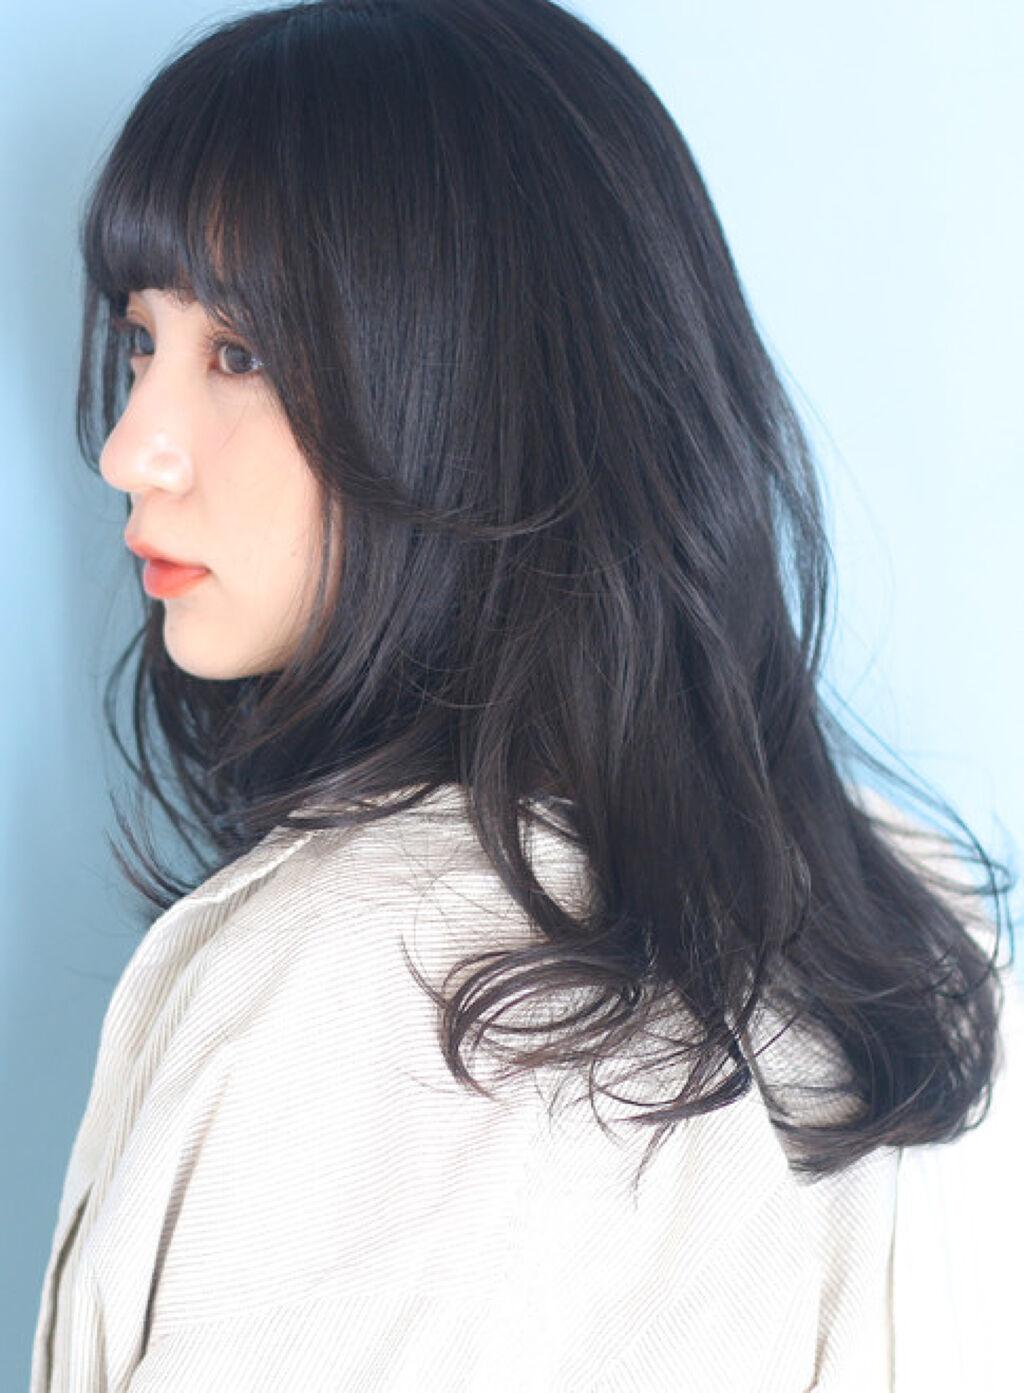 「《黒髪でも垢抜けたい》厳選!黒髪に似合うおすすめメイクアイテム」の画像(#108906)